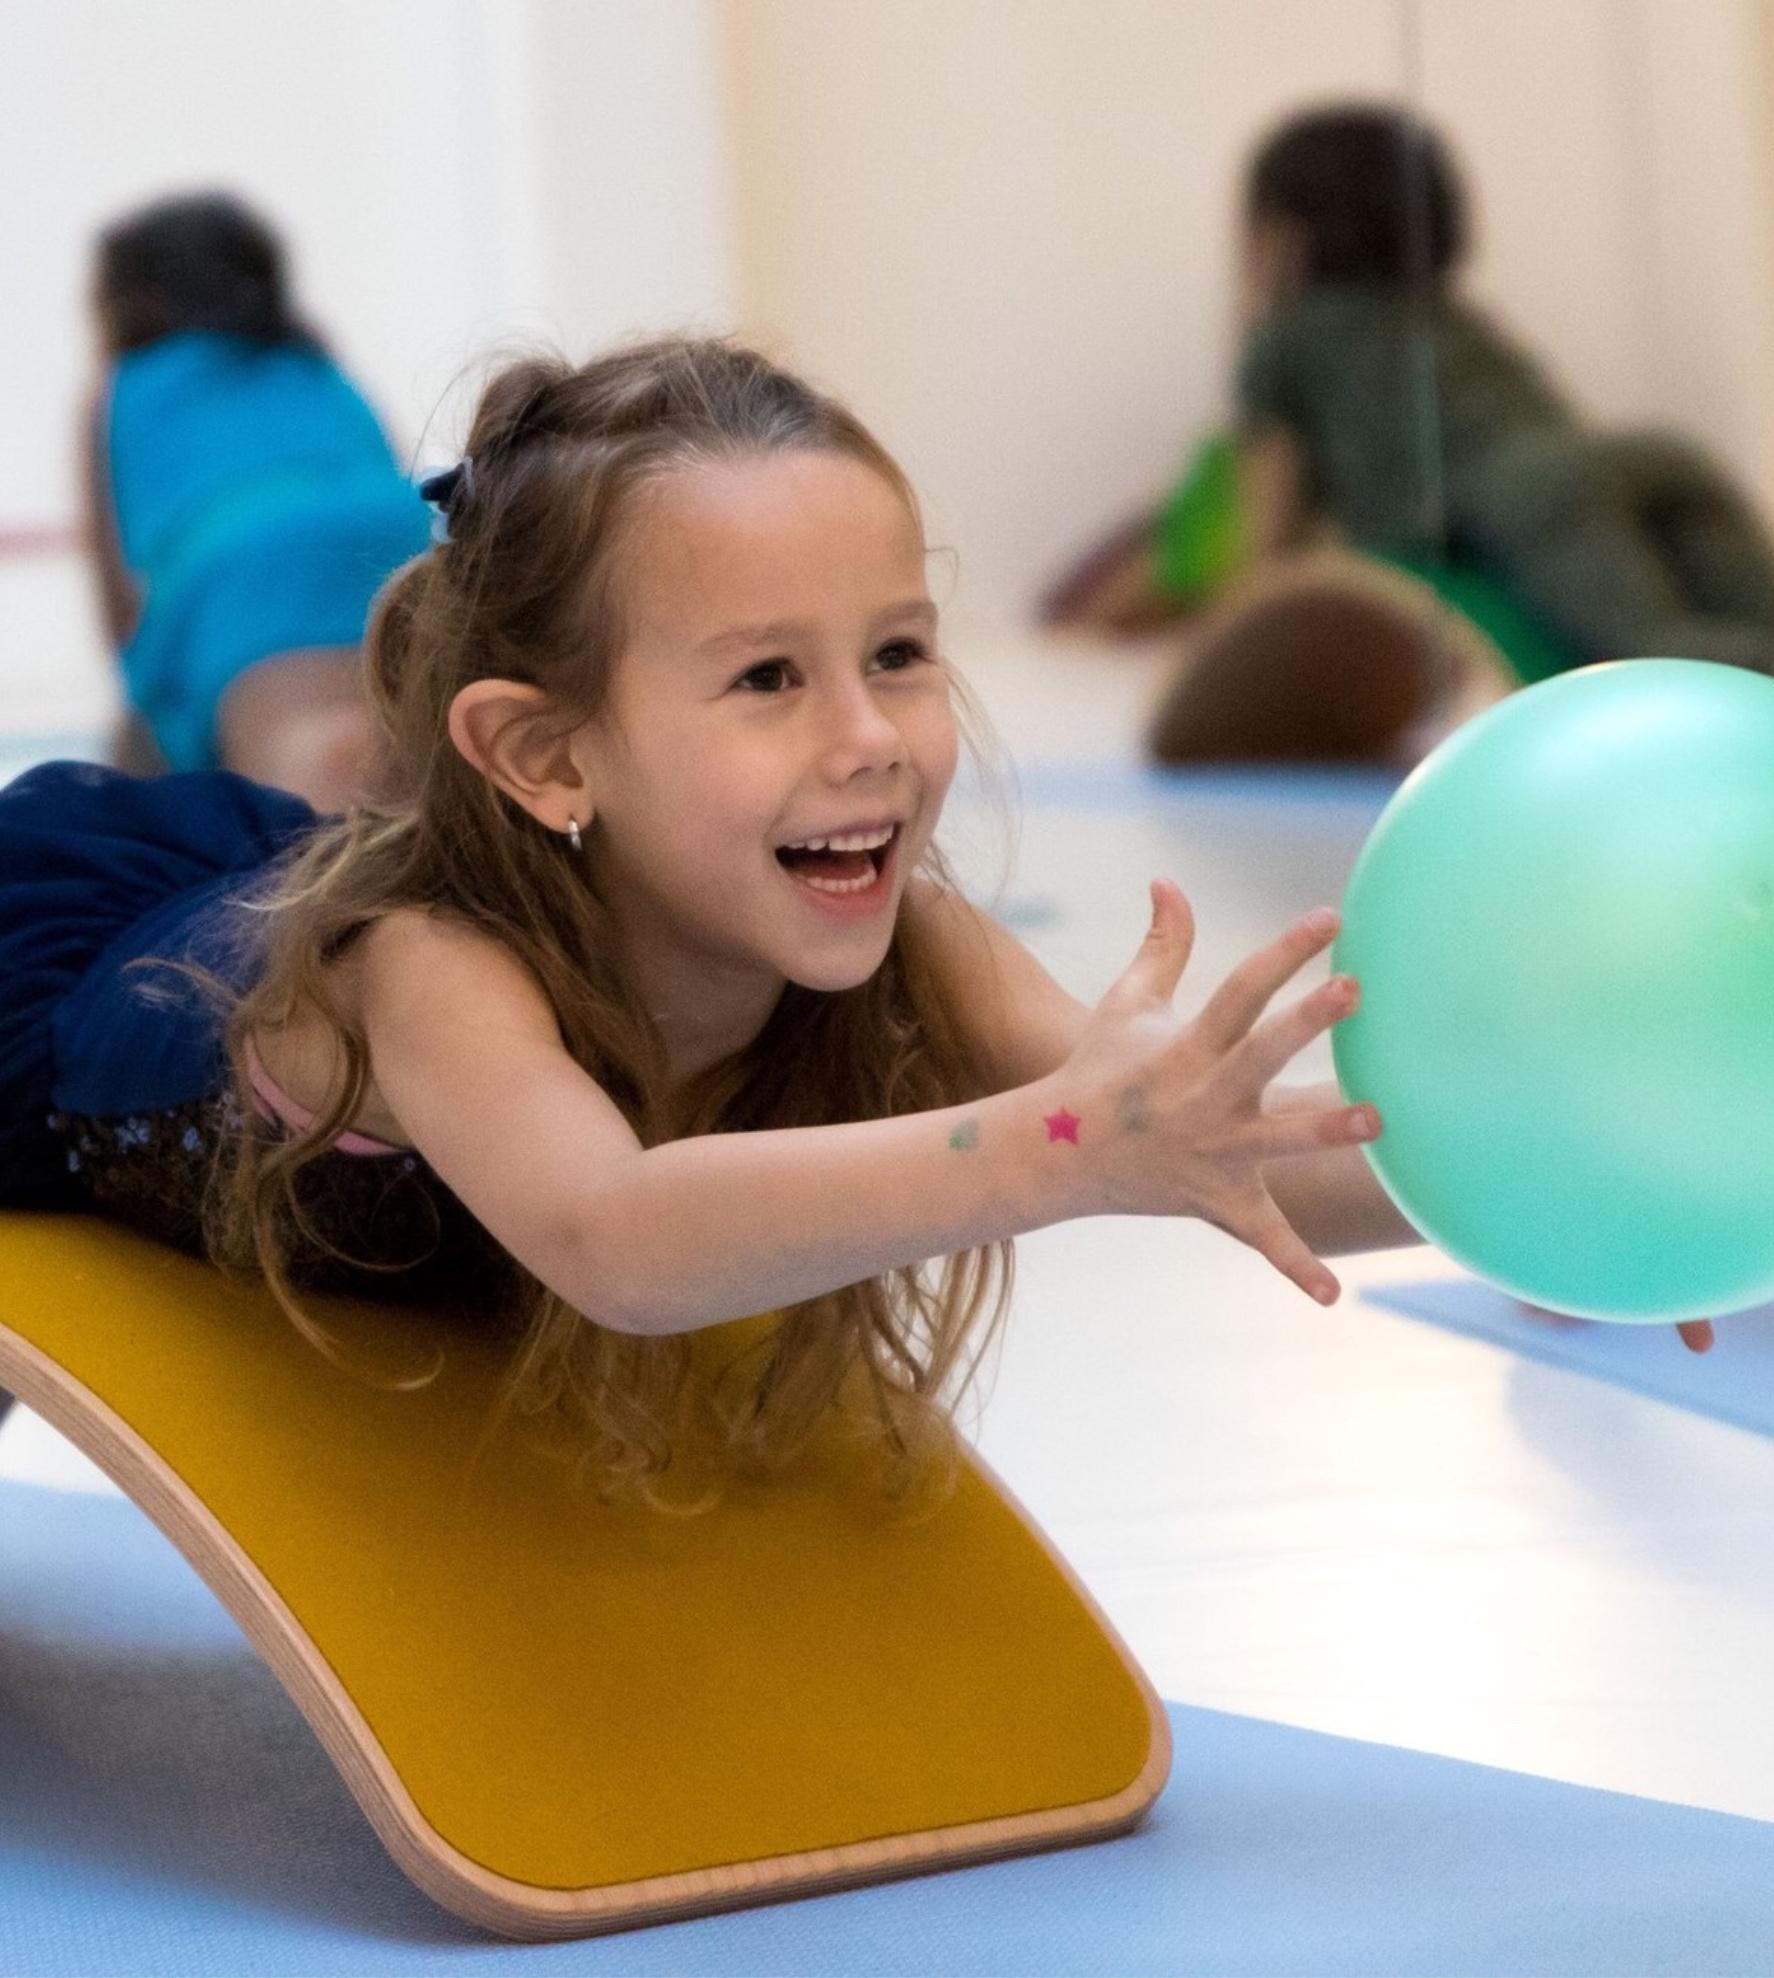 Samen Ontspannen met Kinderyoga, wobbelyoga, workshop, cursus, lessen in Utrecht De Bilt